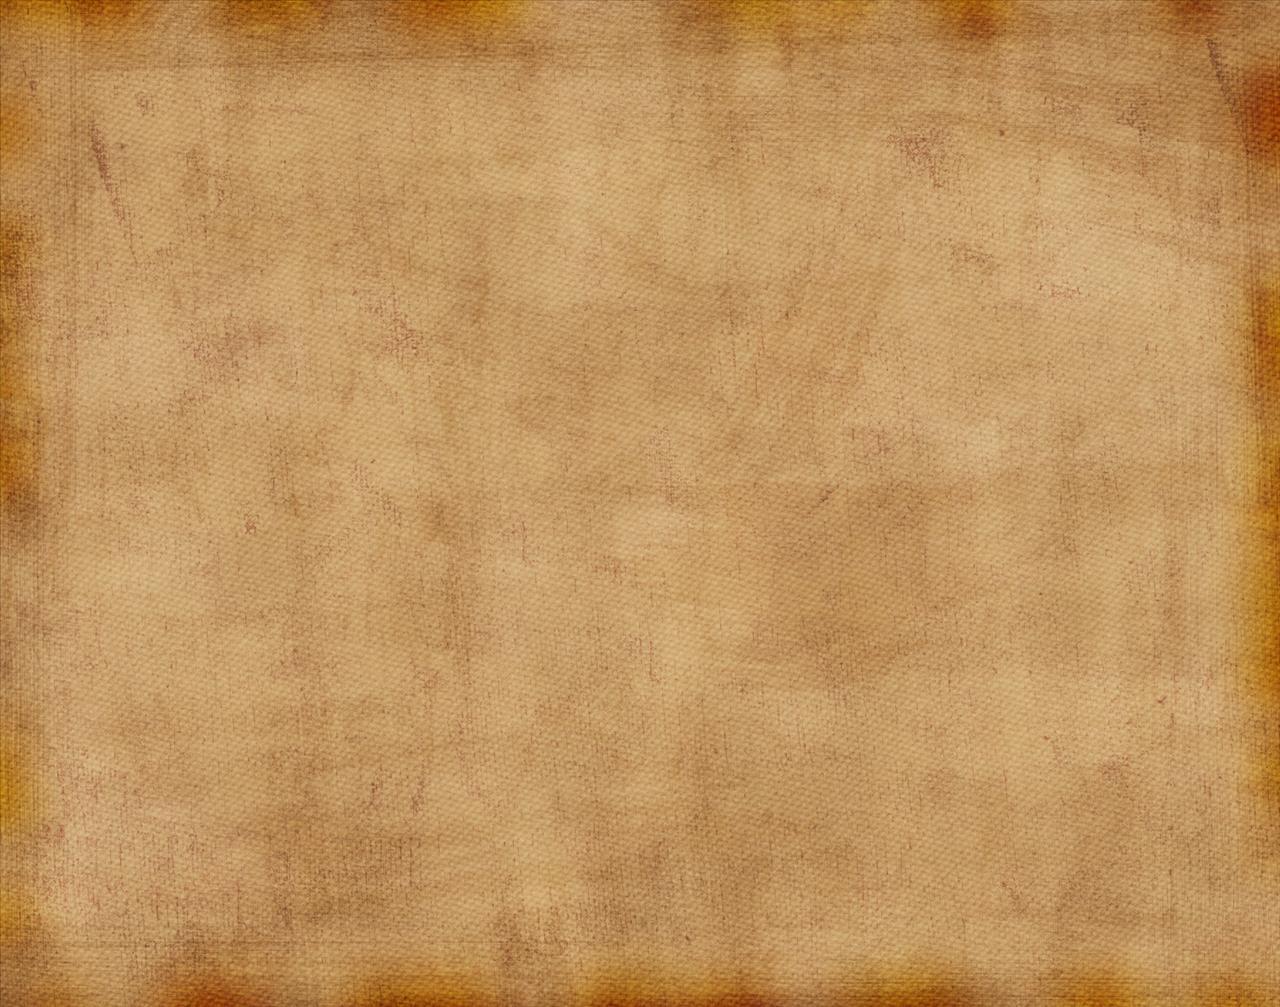 warm_beige